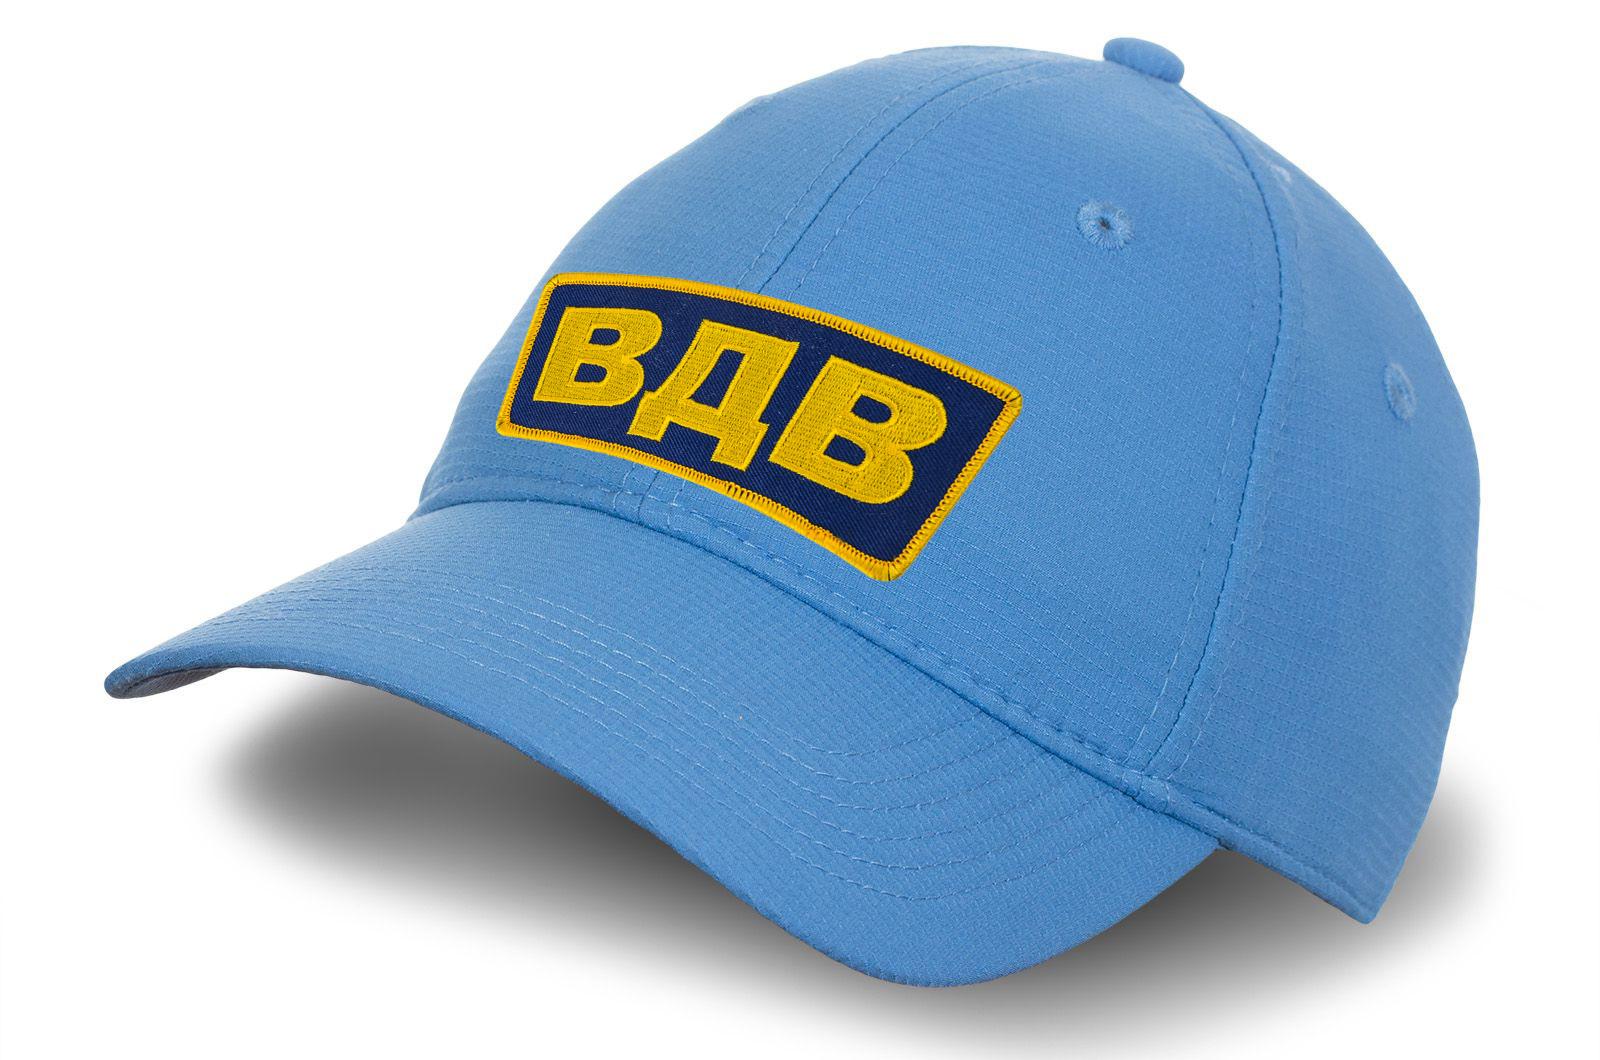 Голубая кепка с вышивкой ВДВ.